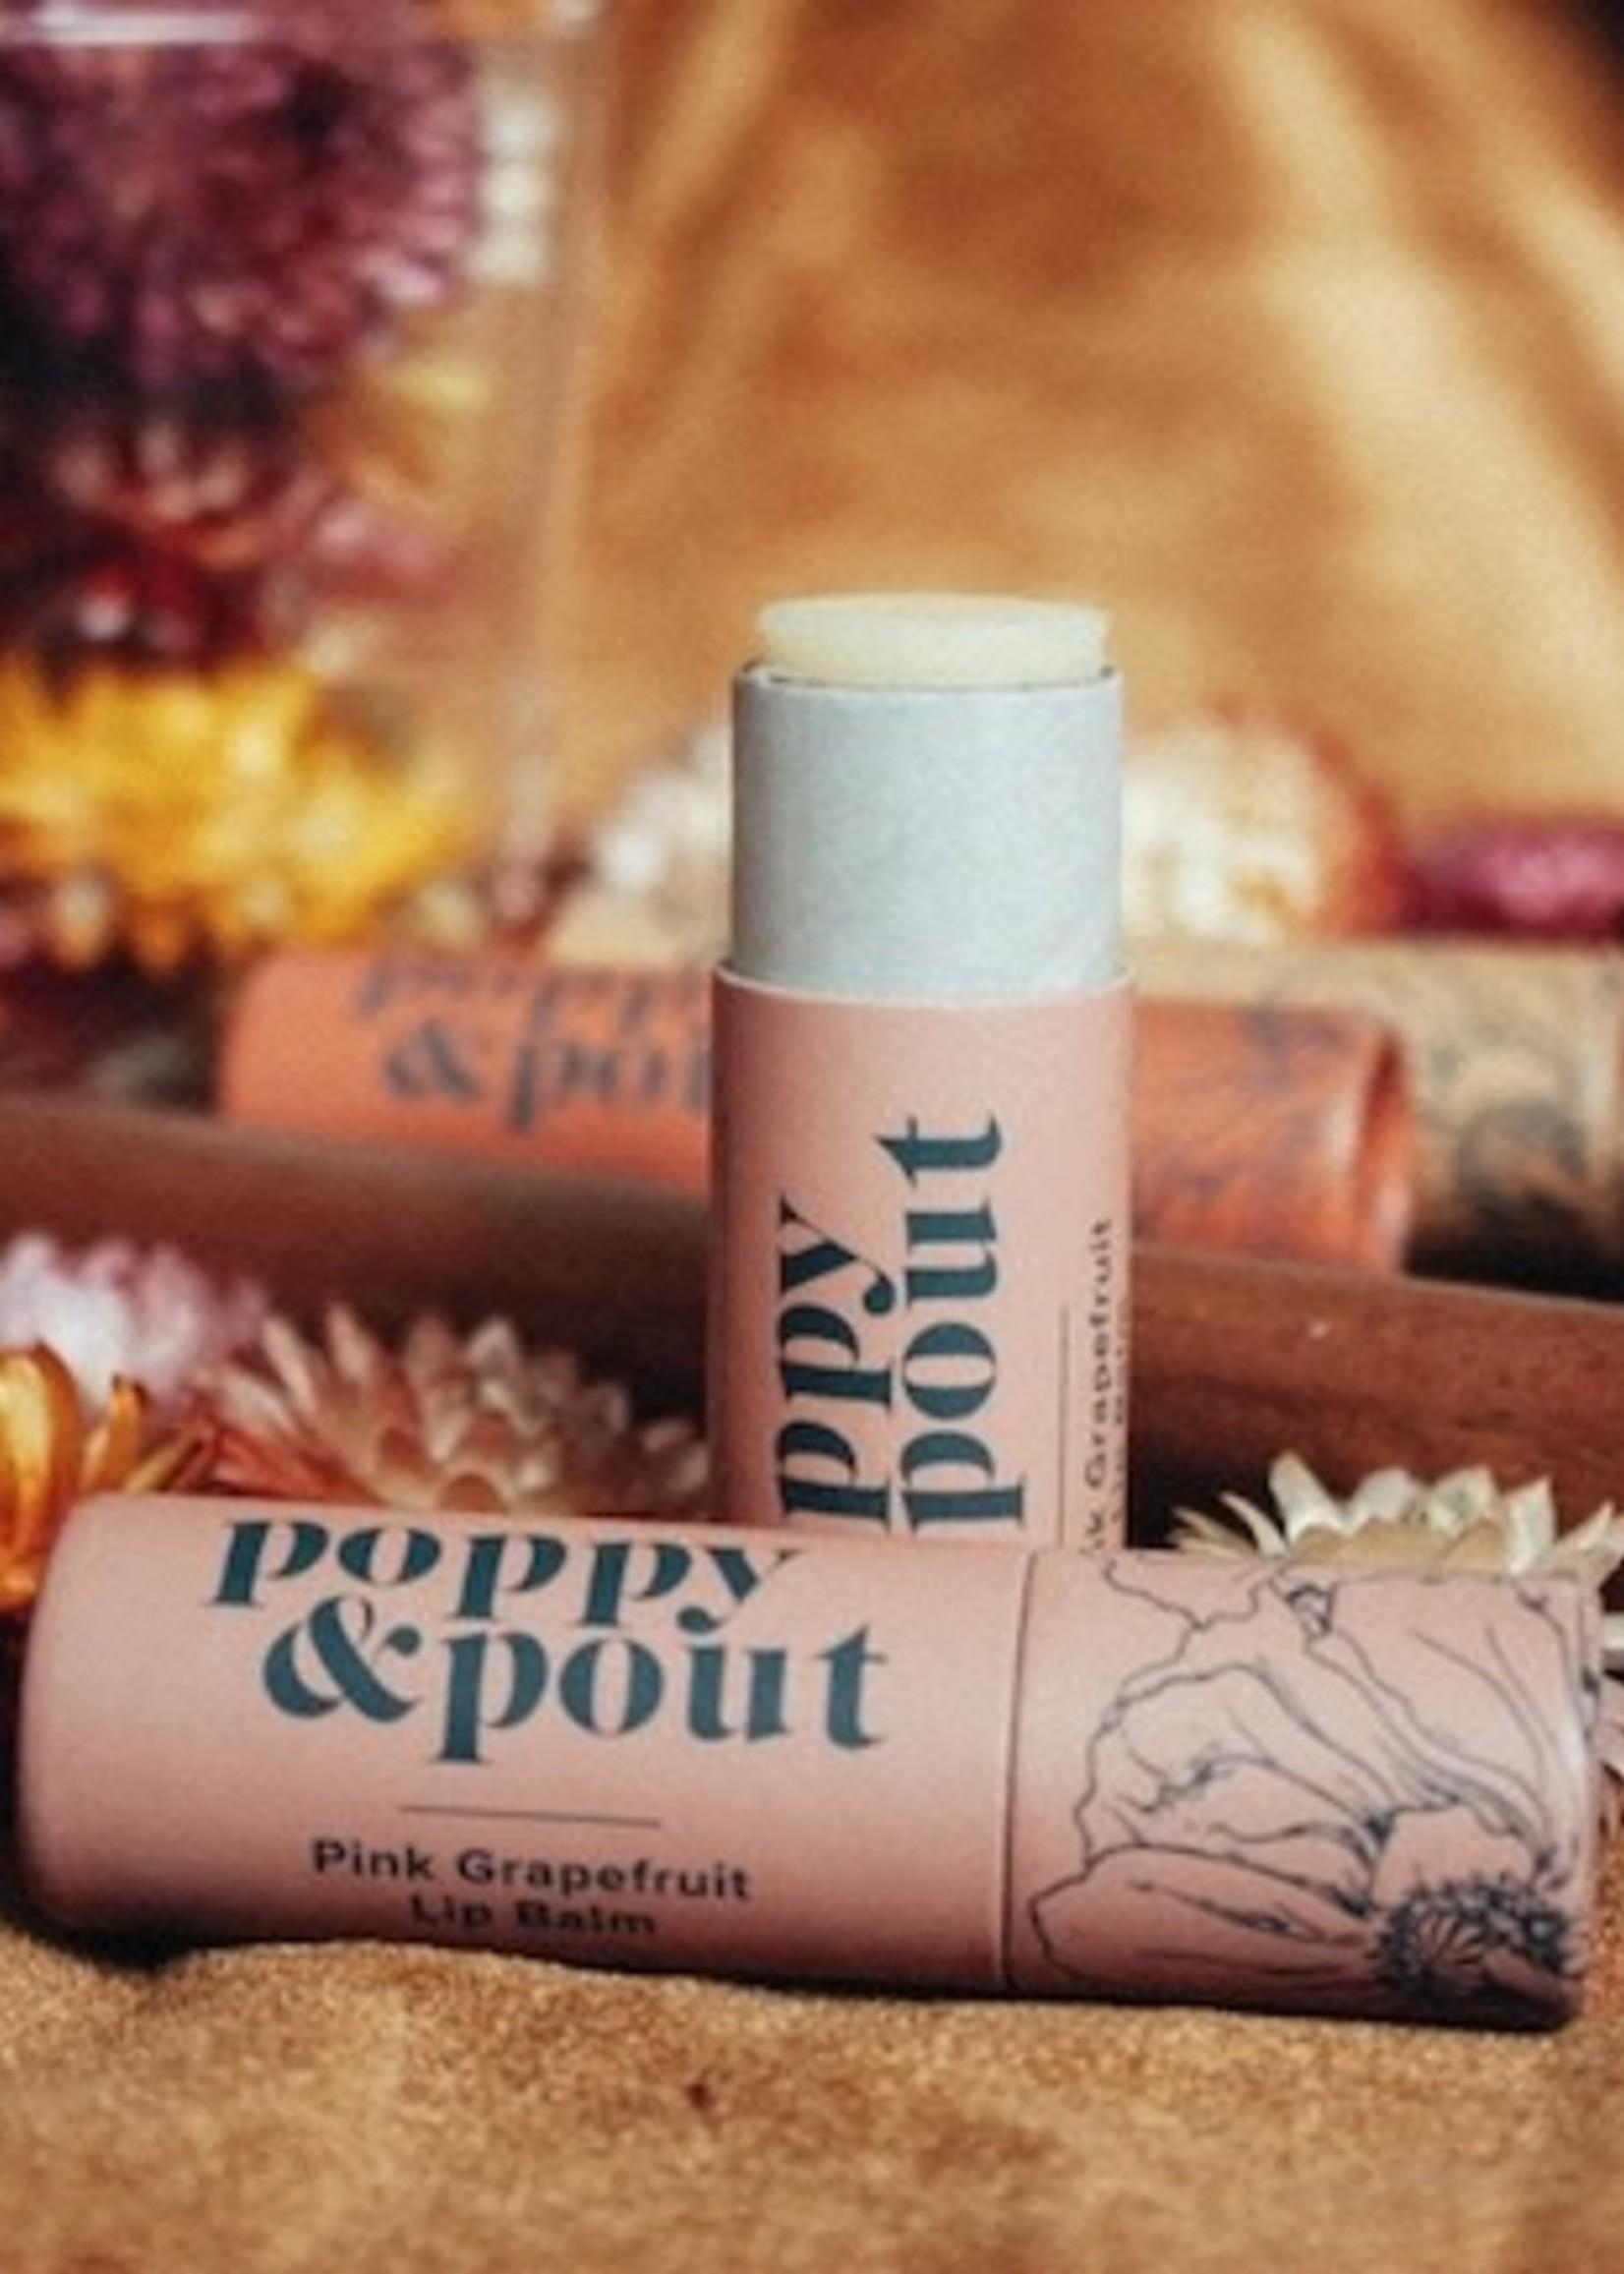 Poppy & Pout Pink Grapefruit Lip Balm